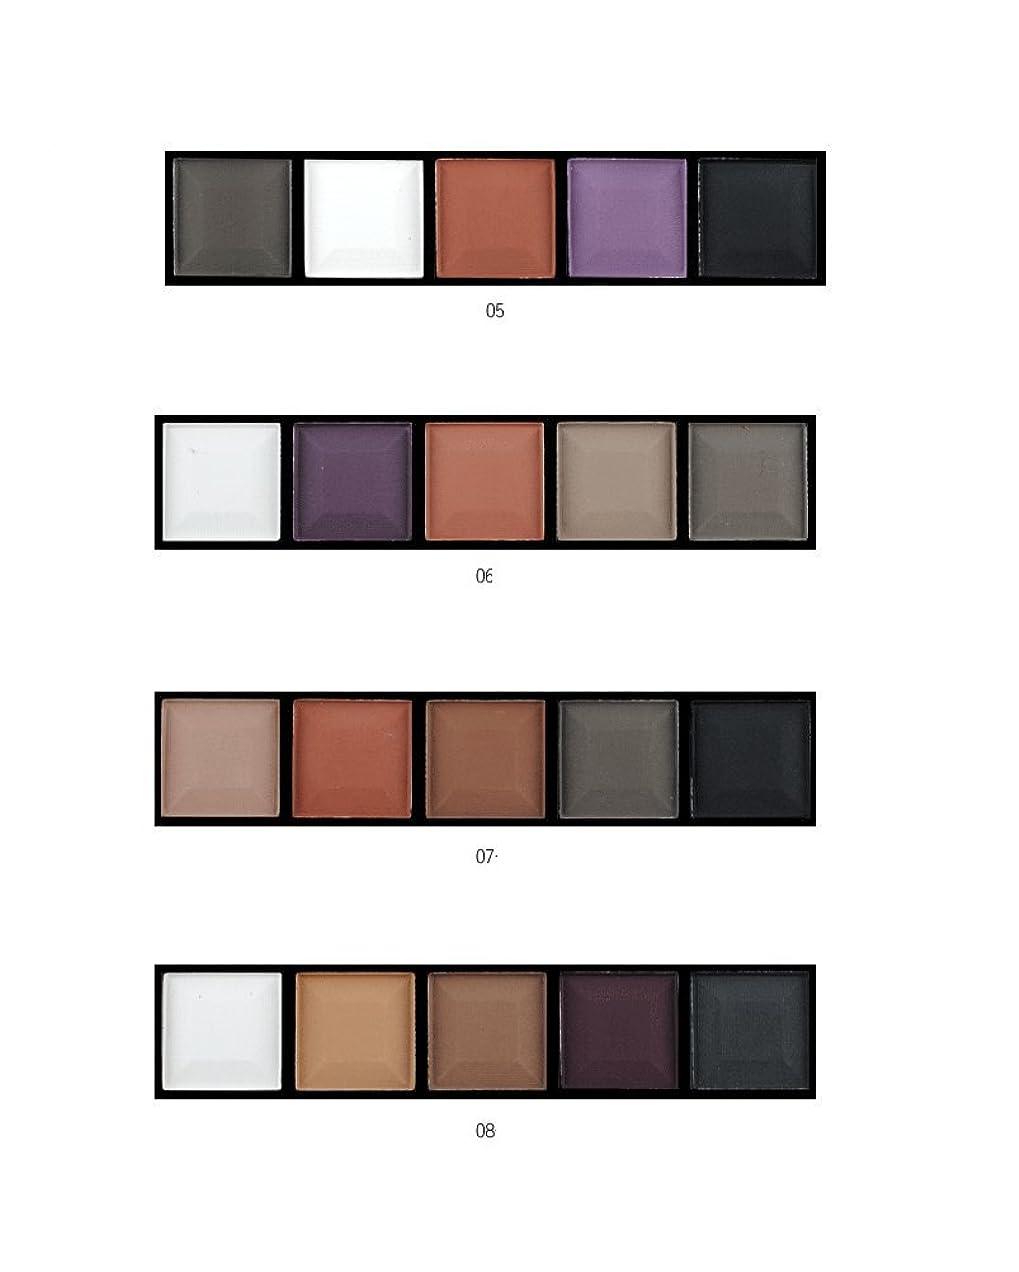 MakeupAcc アイシャドウパレット 5色 ブラシ付き 携帯便利 ヌードメイク マット (07) [並行輸入品]